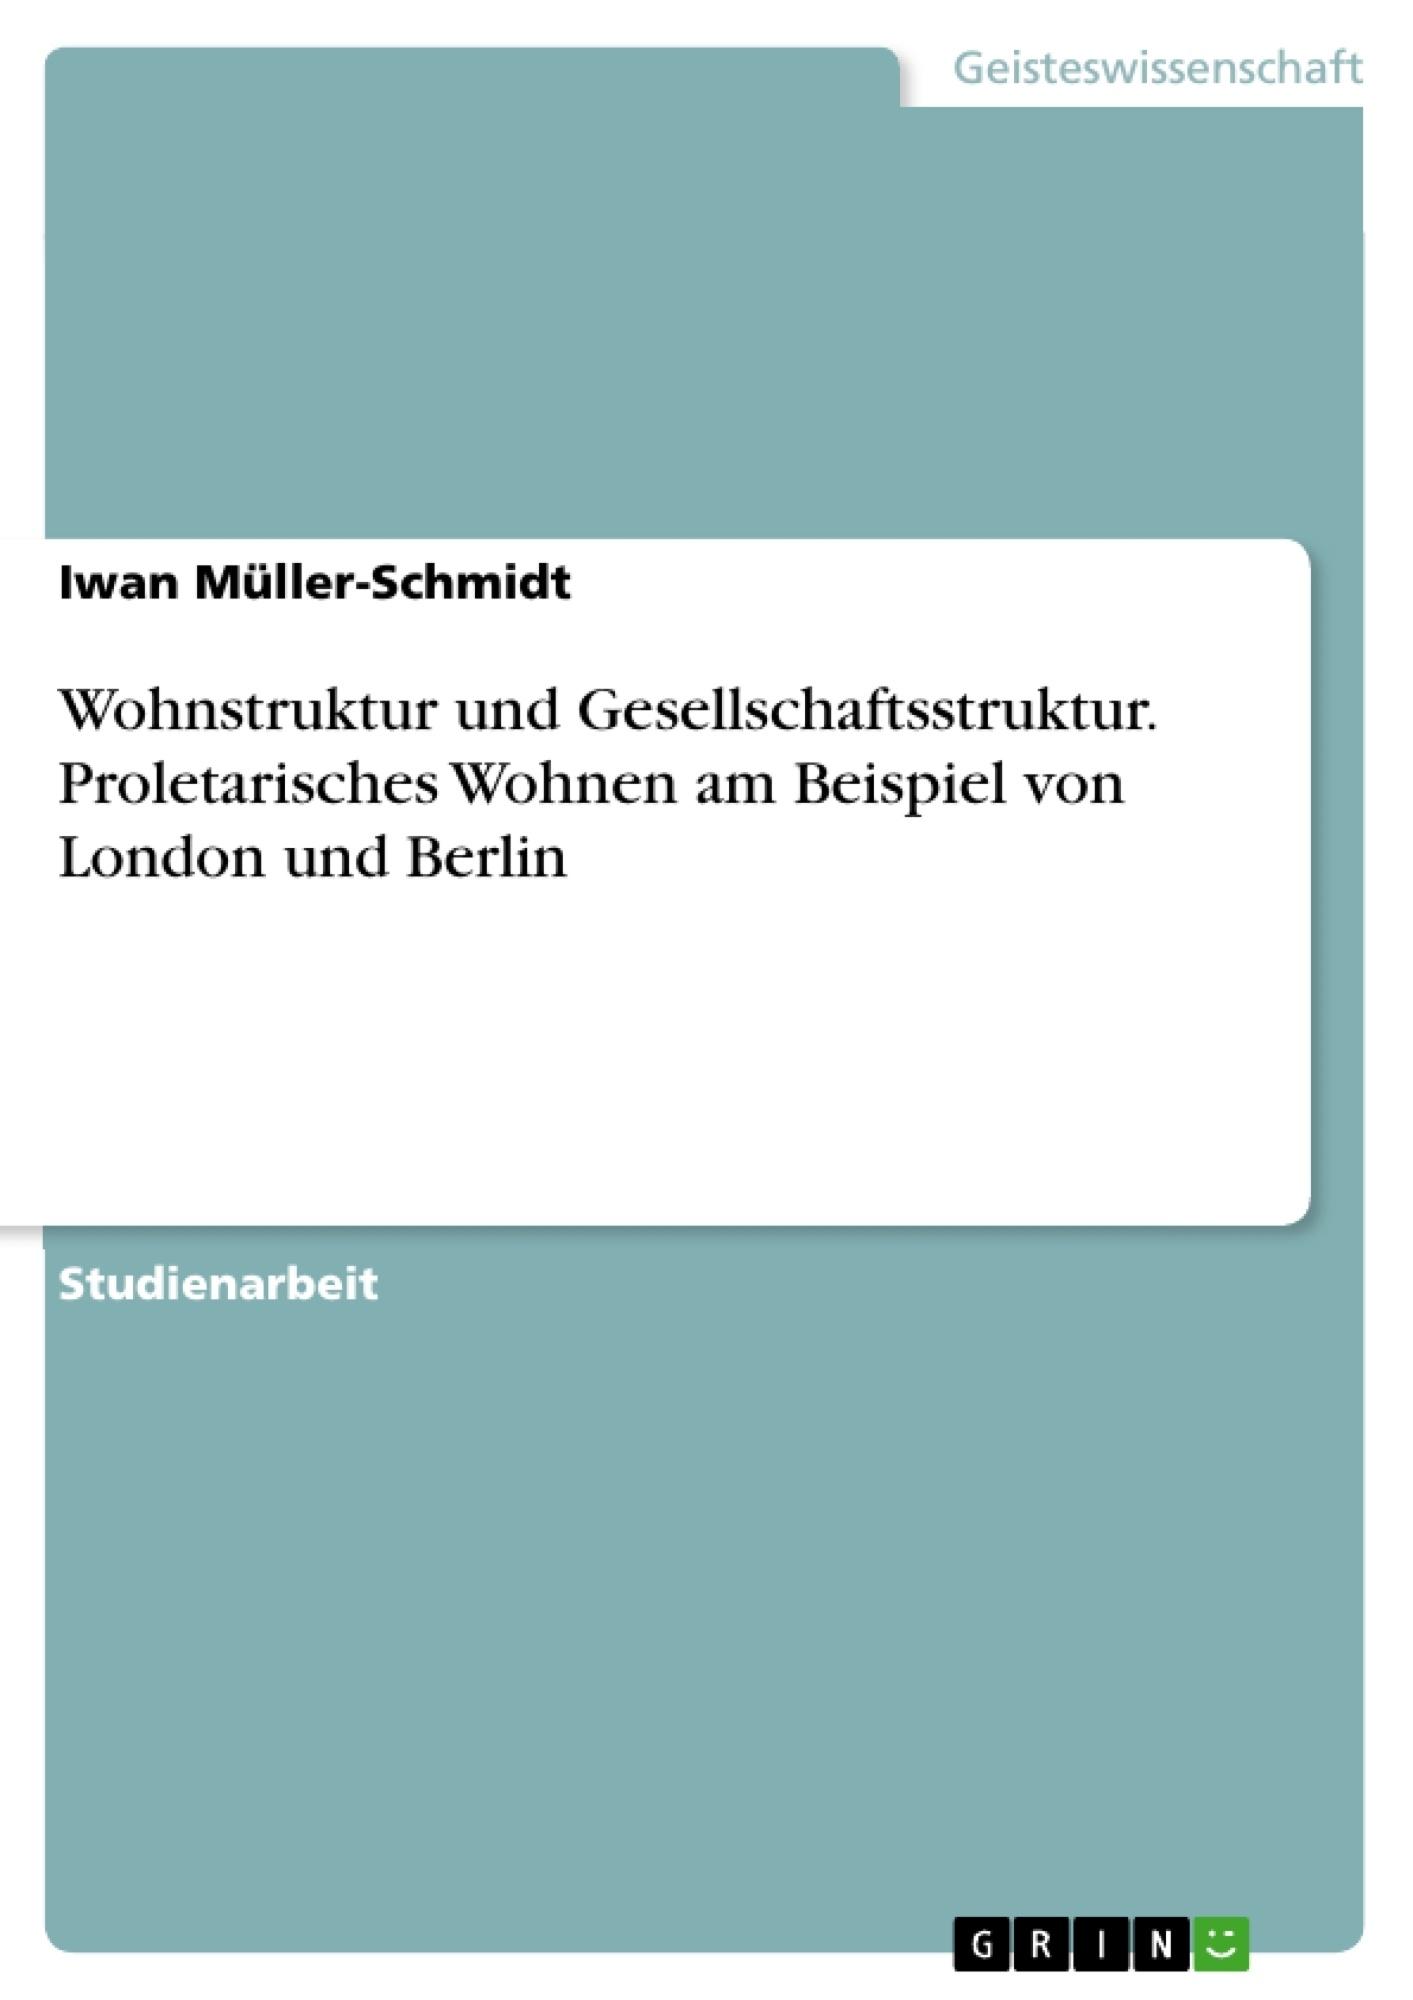 Titel: Wohnstruktur und Gesellschaftsstruktur. Proletarisches Wohnen am Beispiel von London und Berlin